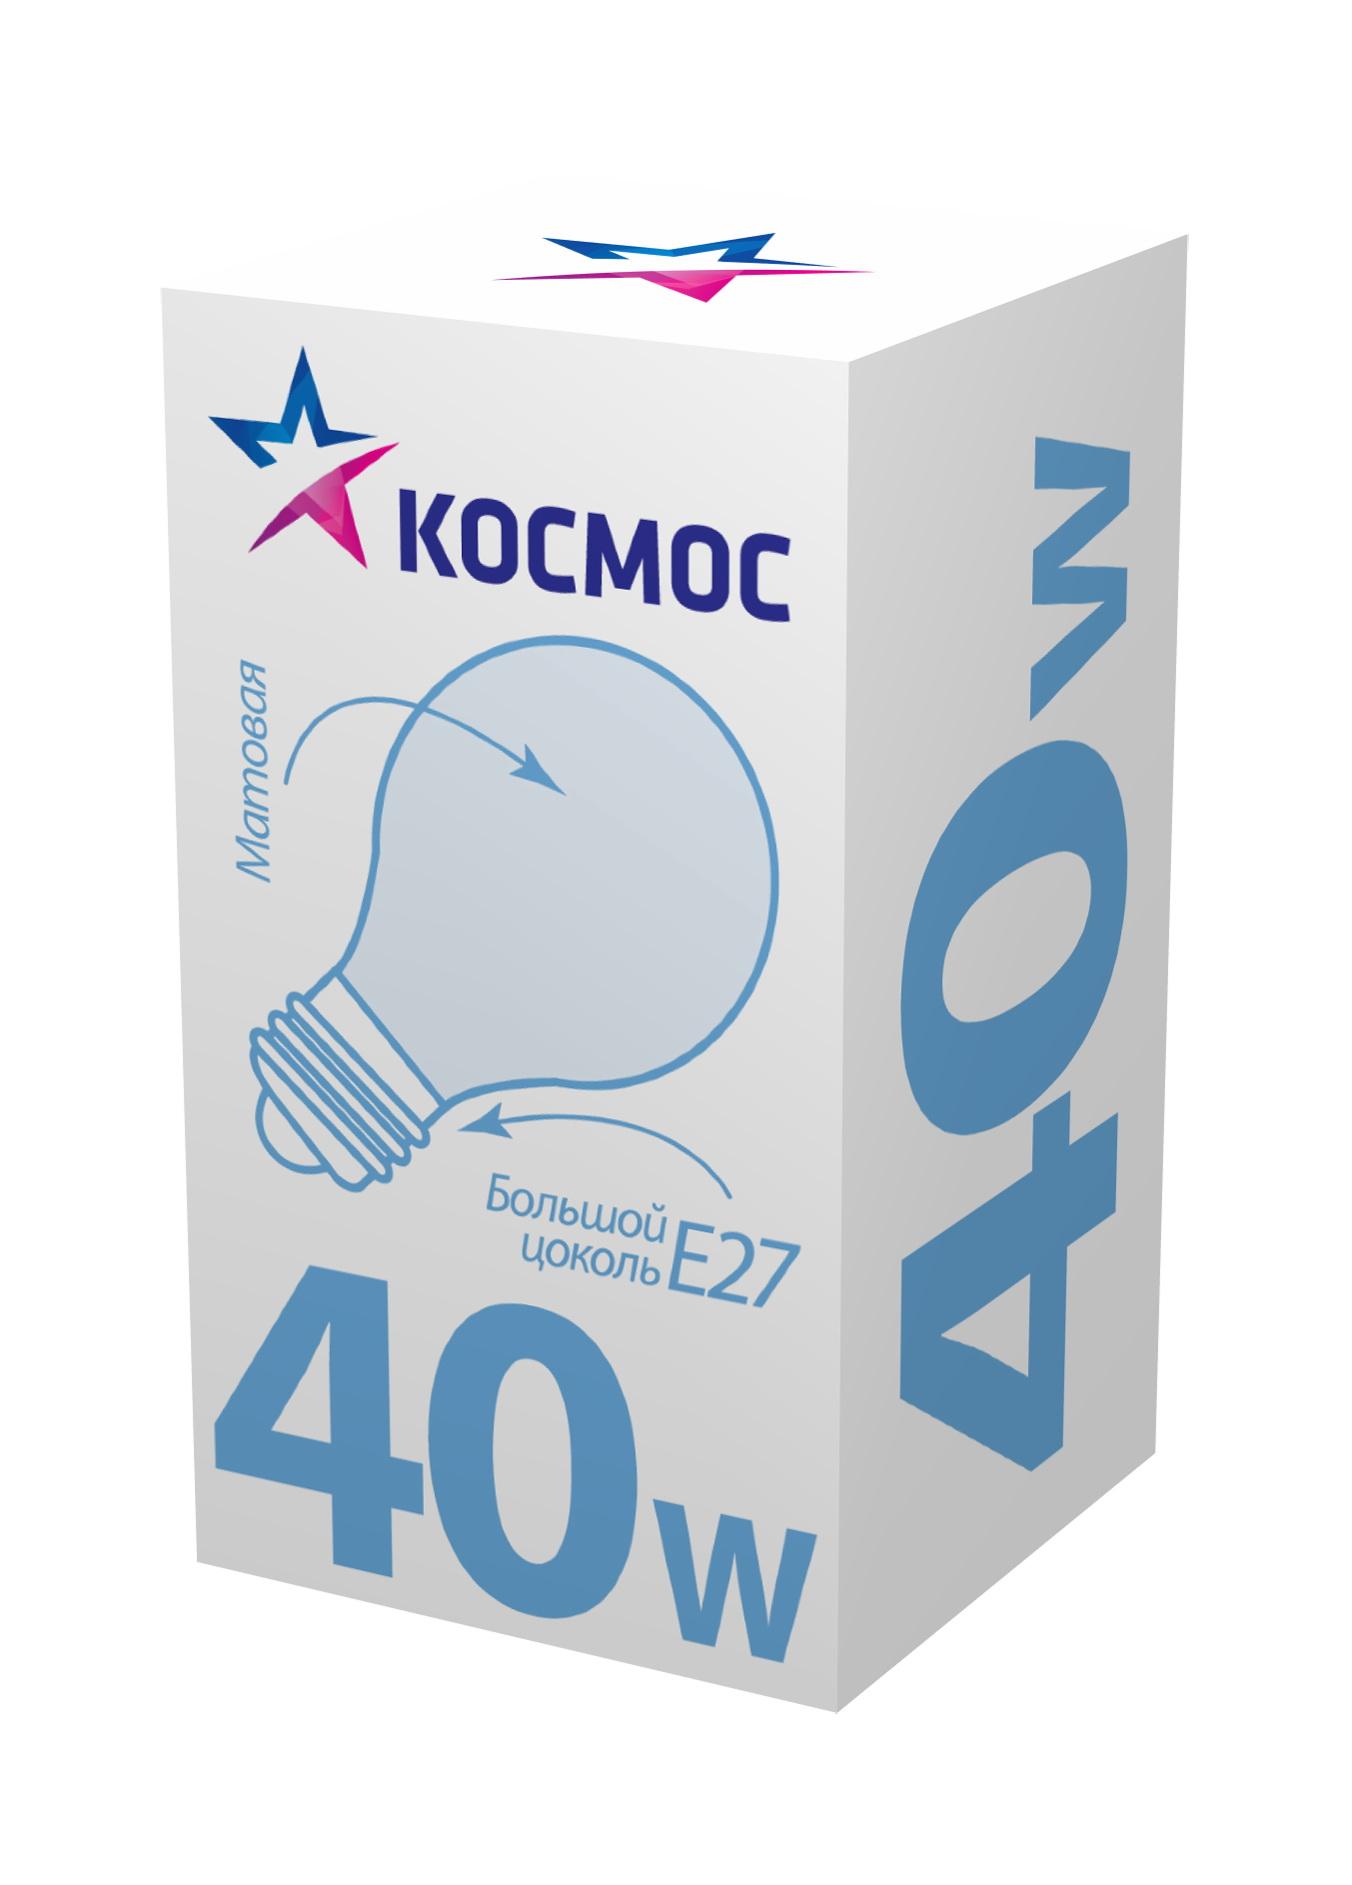 Лампа накаливания КОСМОС 40 Ватт груша матовая Е27